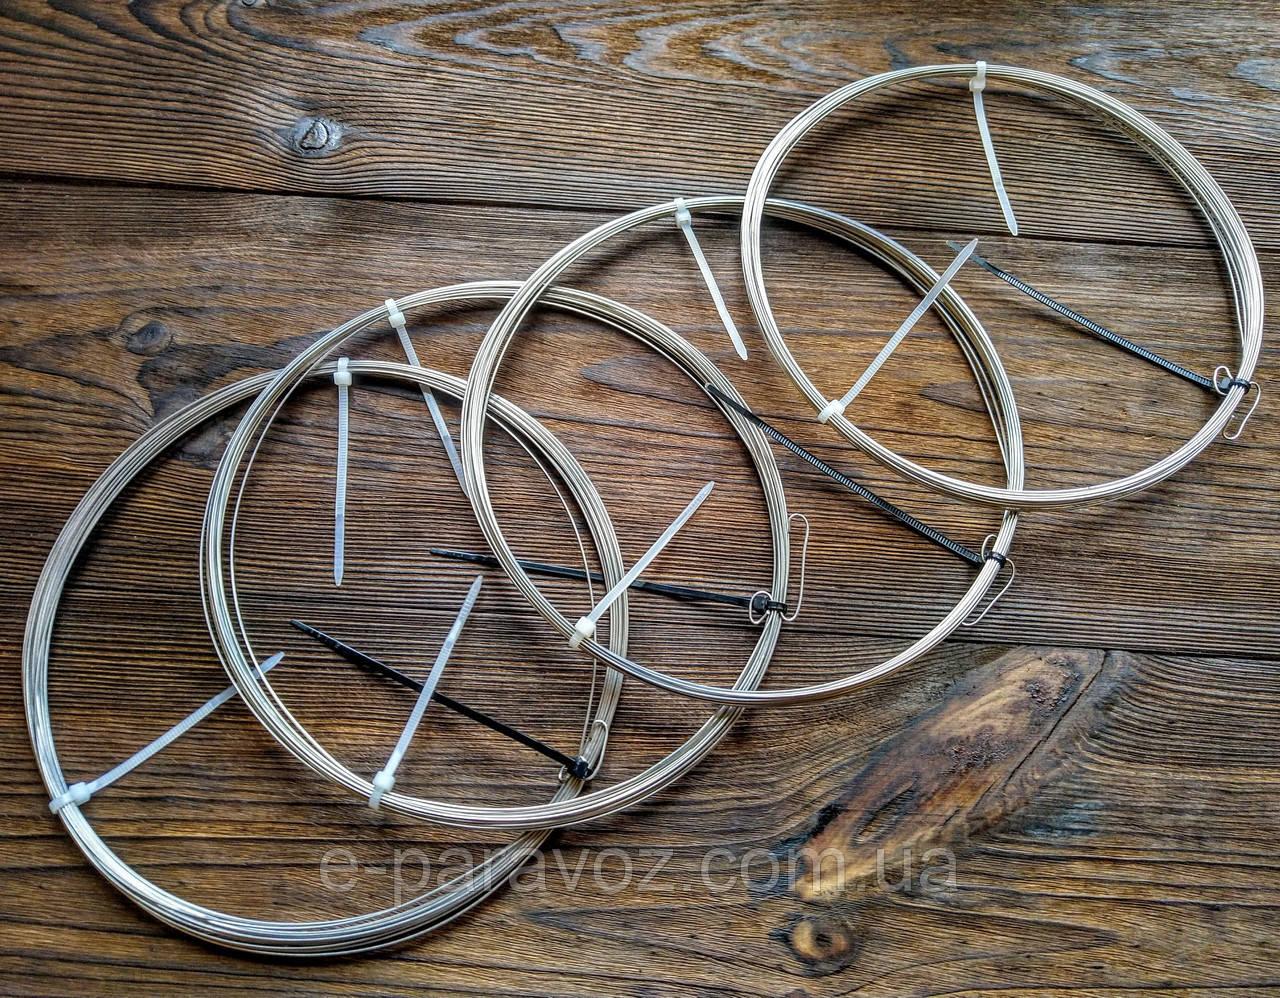 Нержавійка 0.2 мм - 50 метрів, дріт для рукоділля колір срібло, для бісеру